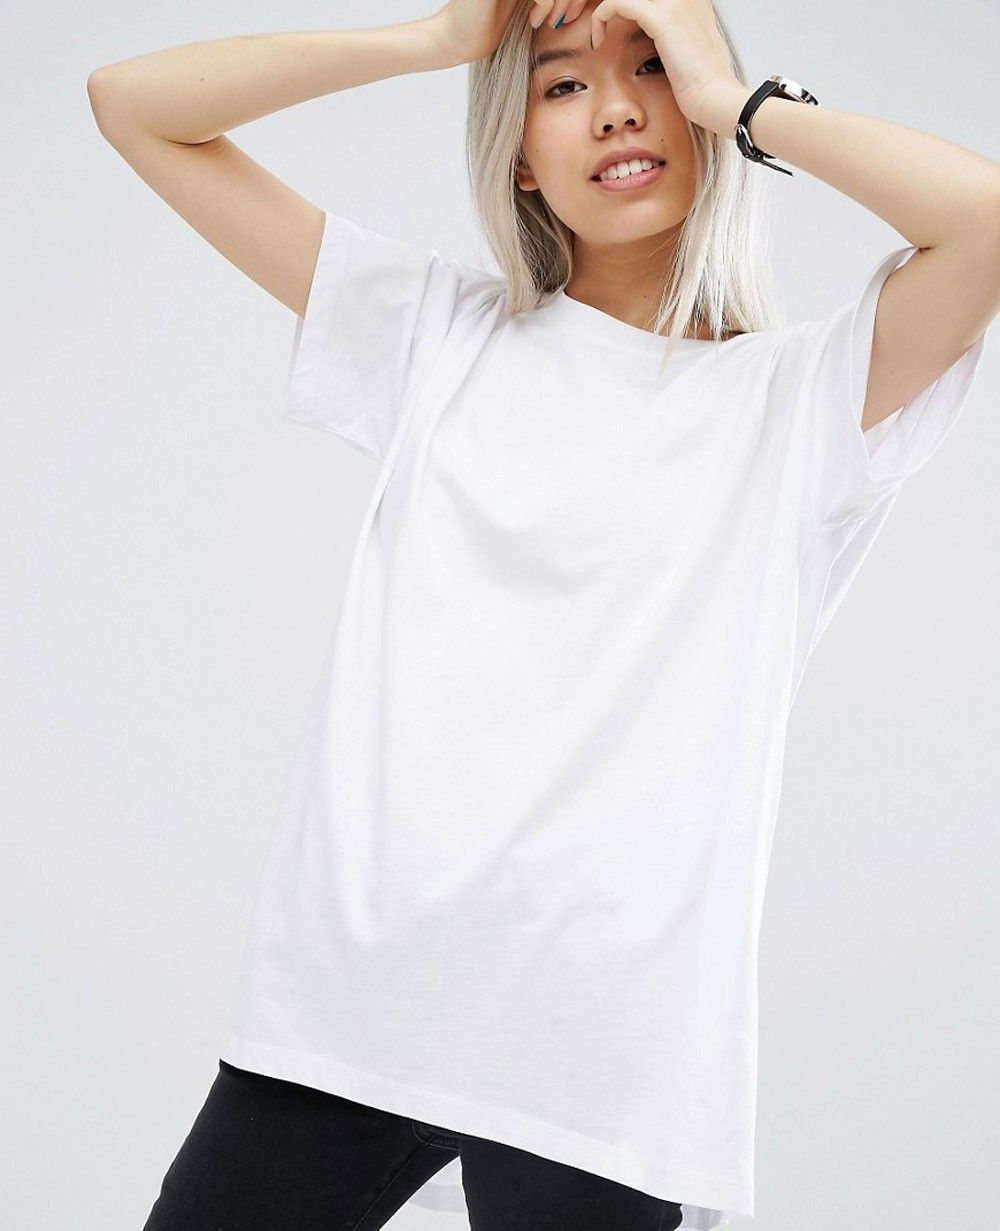 ladies oversized white t shirt